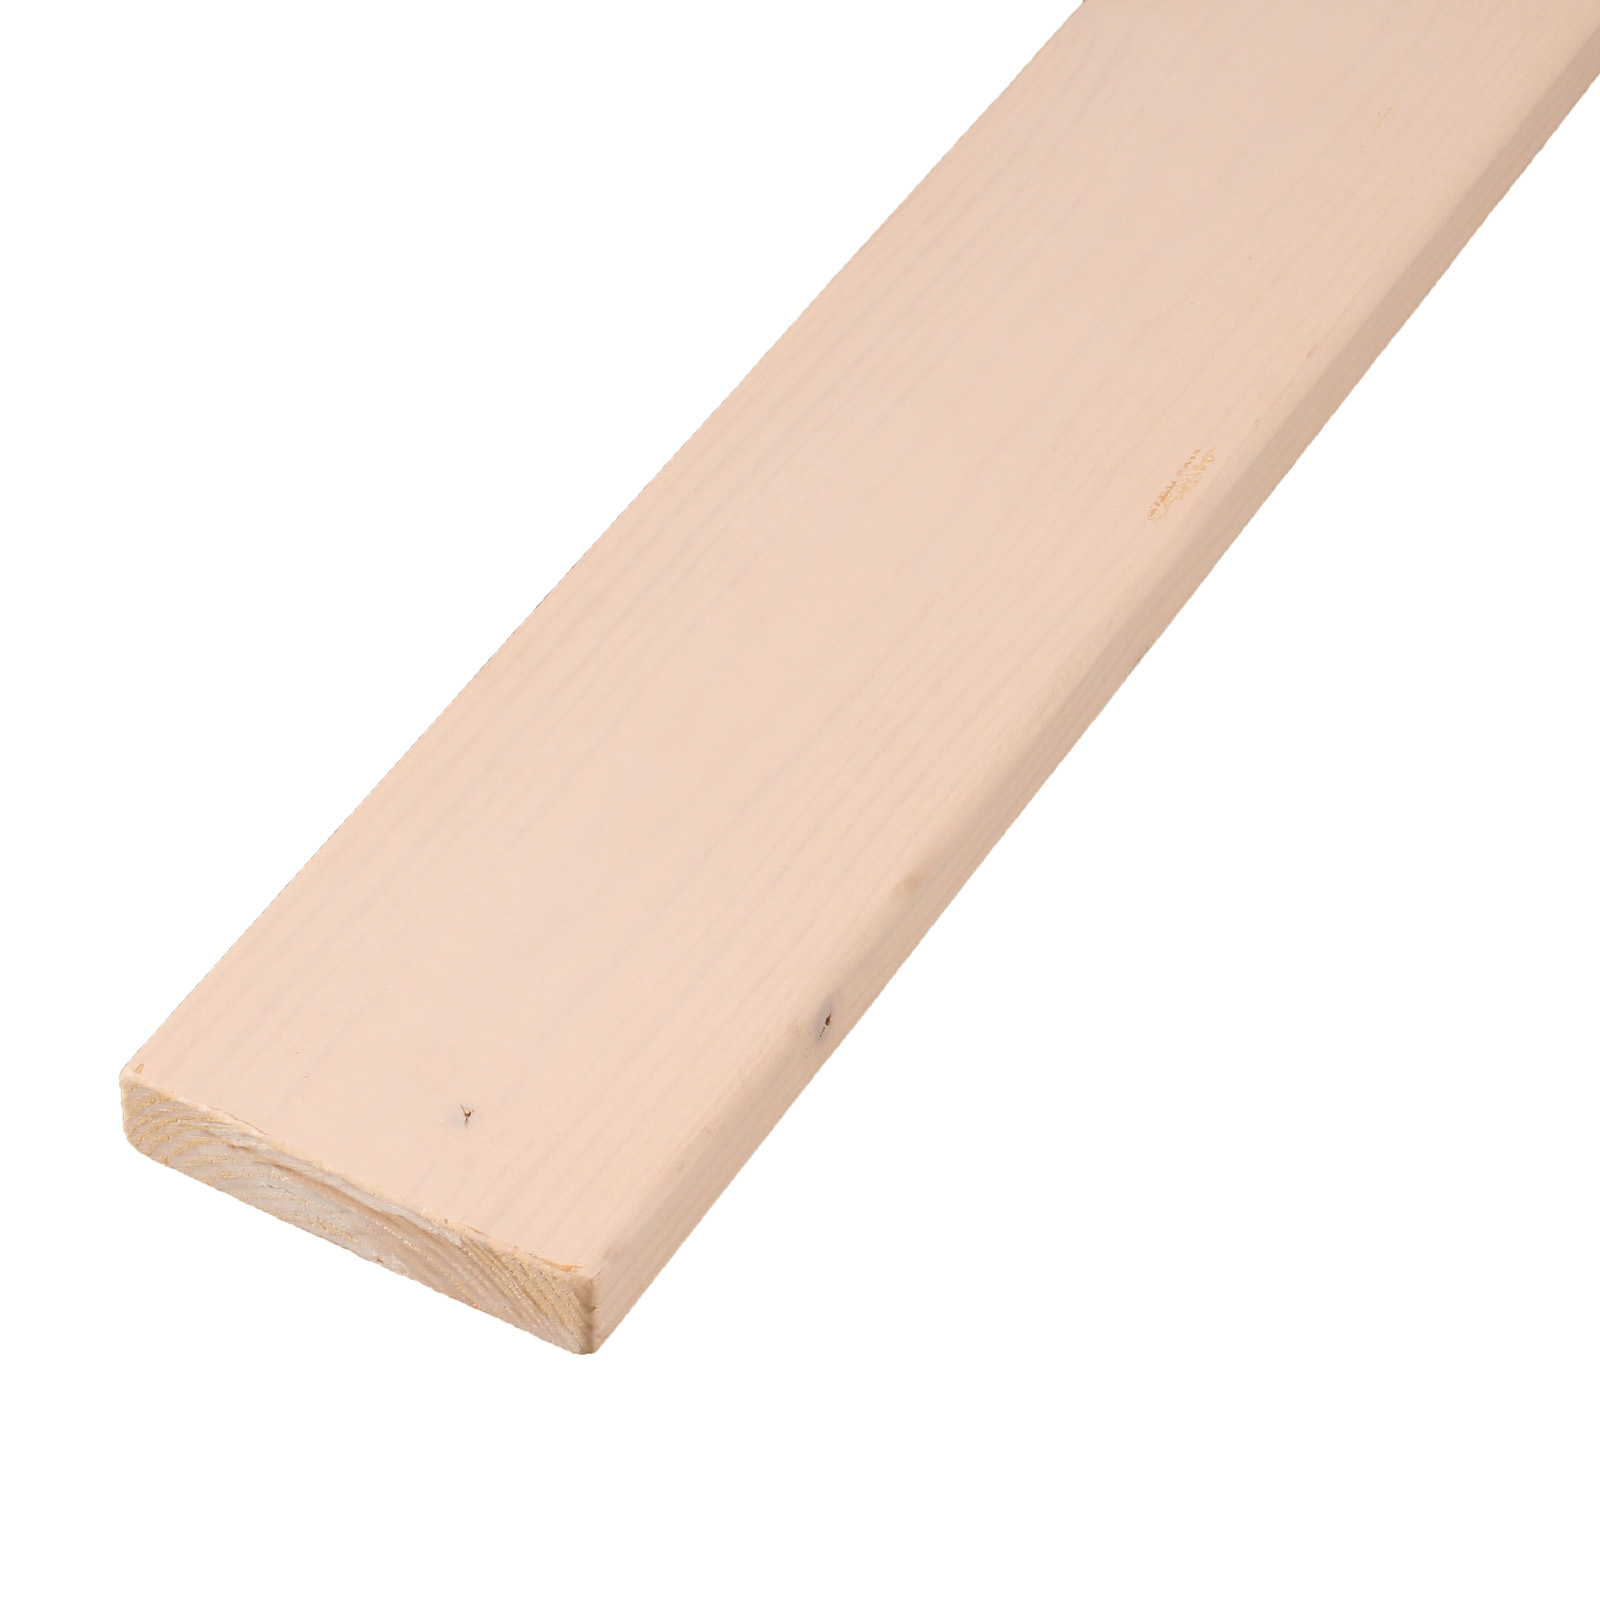 27-001 スプルース 無垢板材 塗装済(ホワイト)株式会社アジアトレーディング(群馬県前橋市)